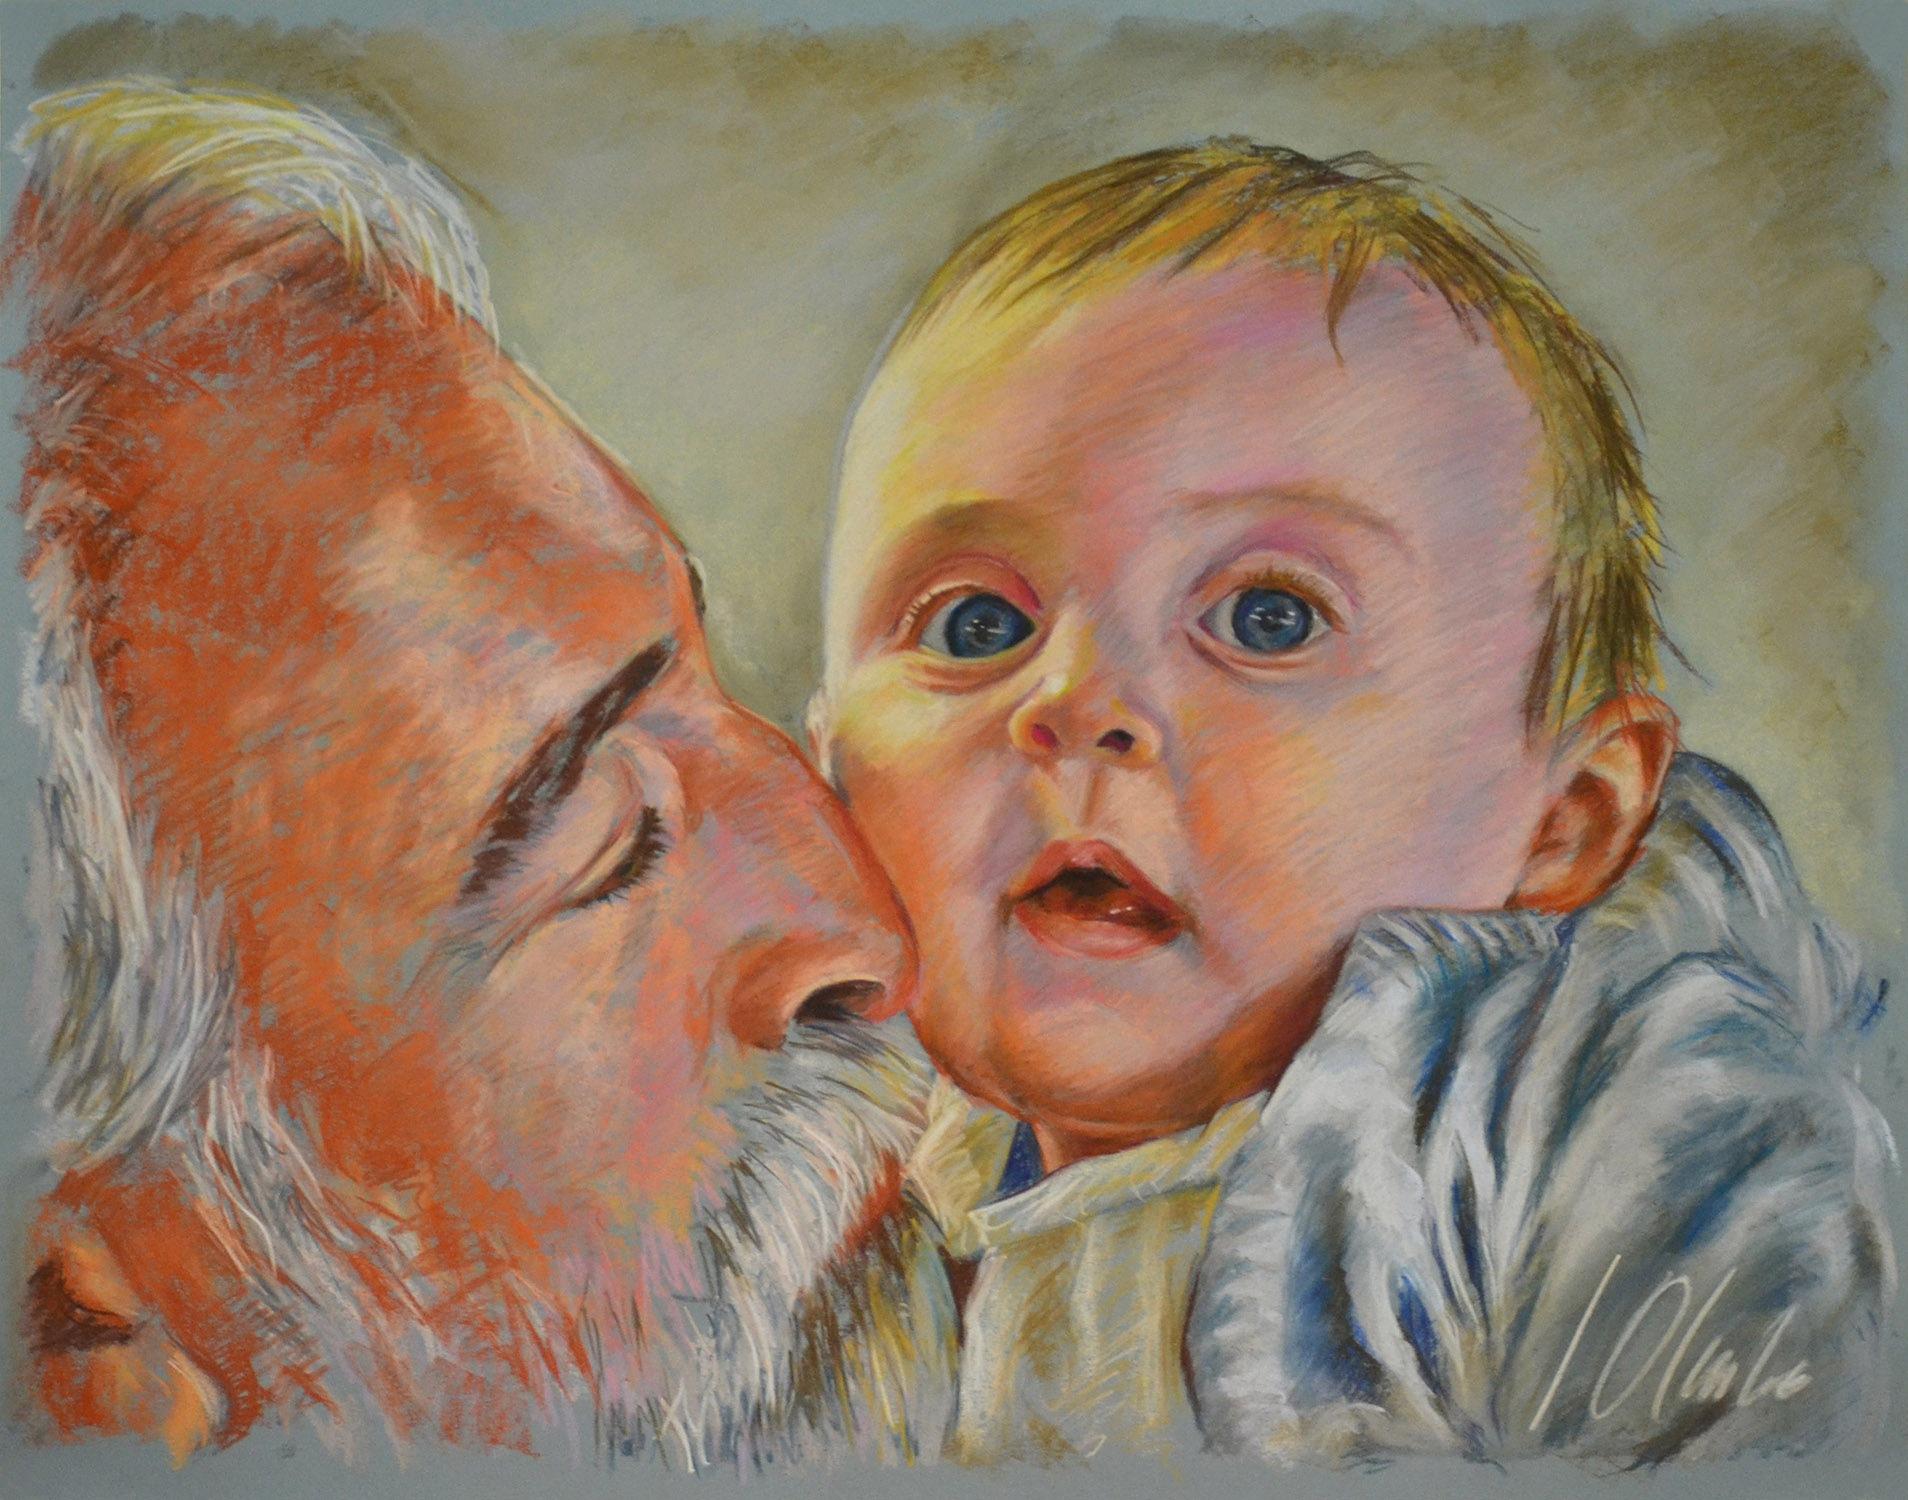 Alba y Carlos. Retratos en pastel, obra de Javier Olmedo, 2011